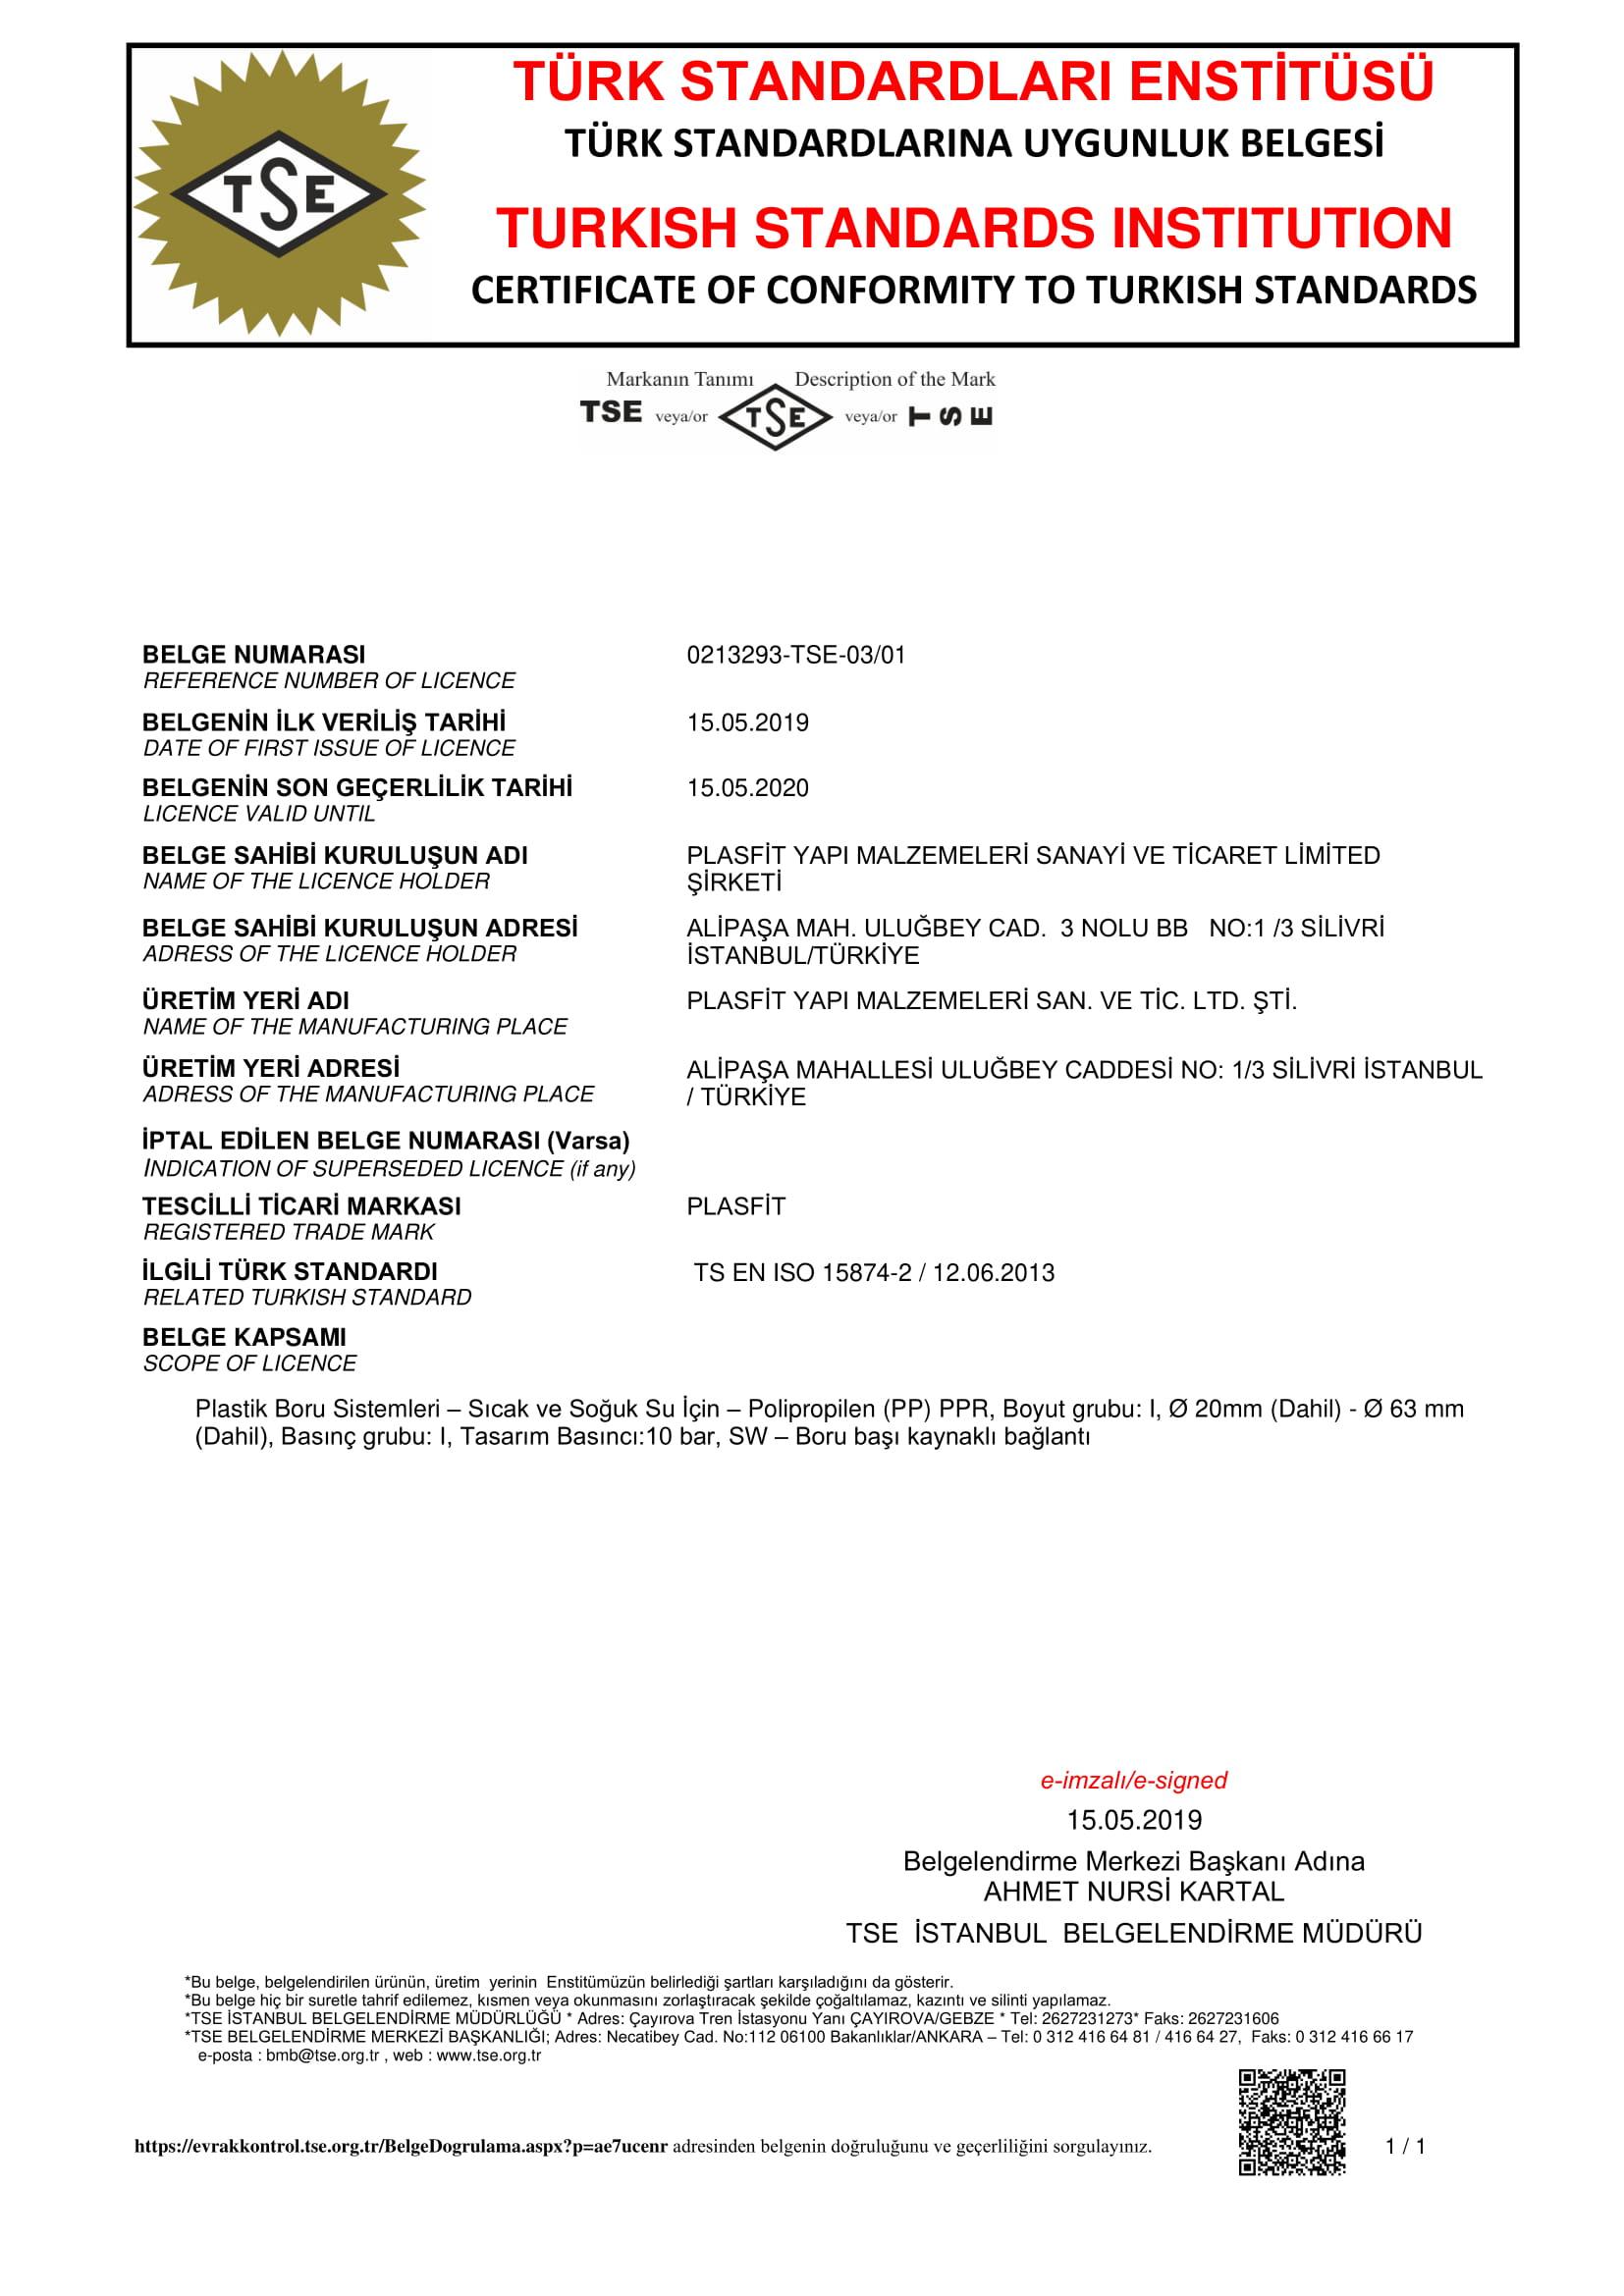 TS EN ISO 15874-2 TSE BELGE-1